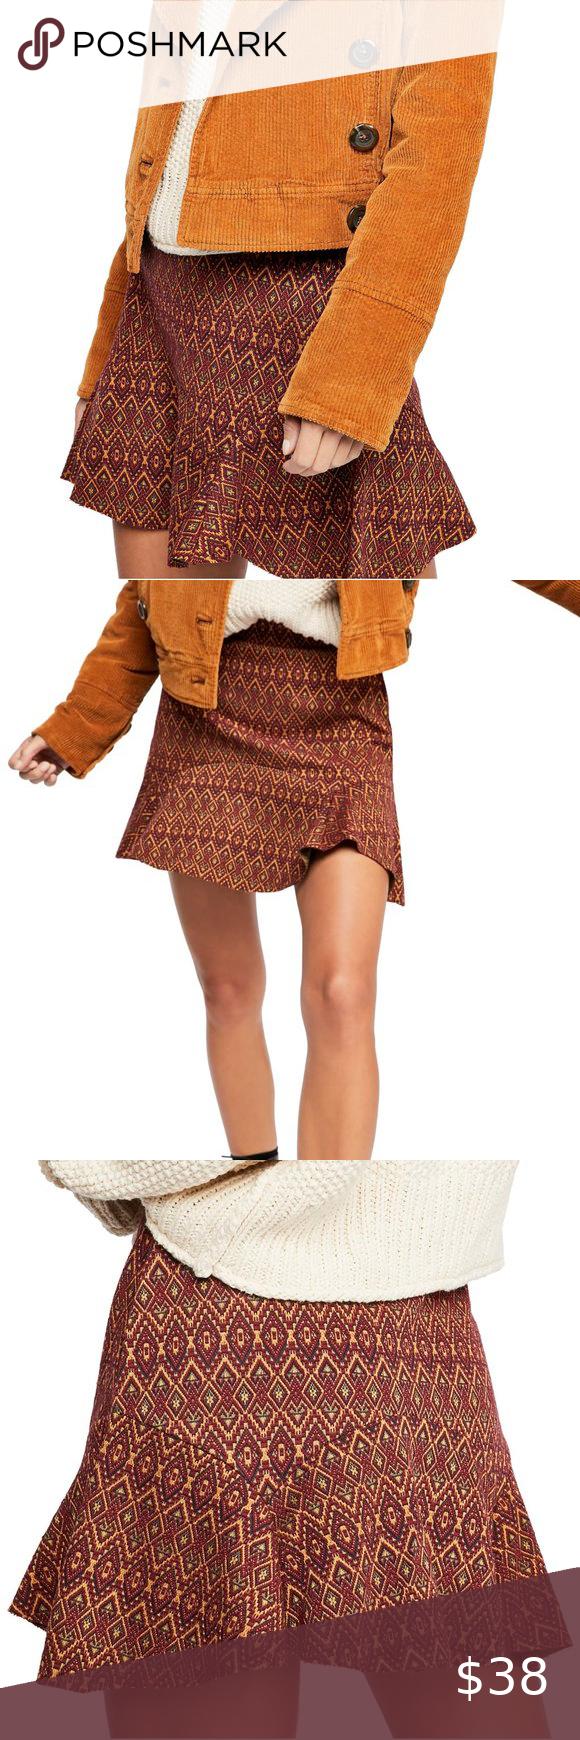 Free people knit skirt xs